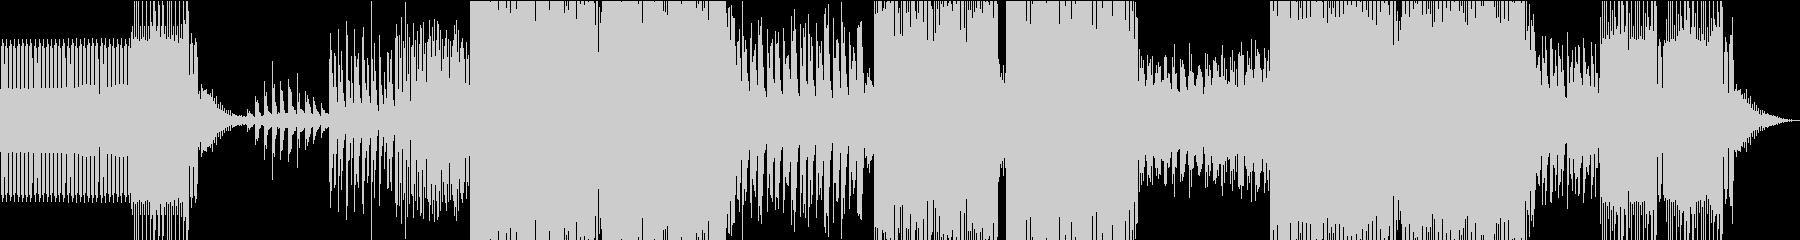 メロディック。エレクトロニック-ダ...の未再生の波形